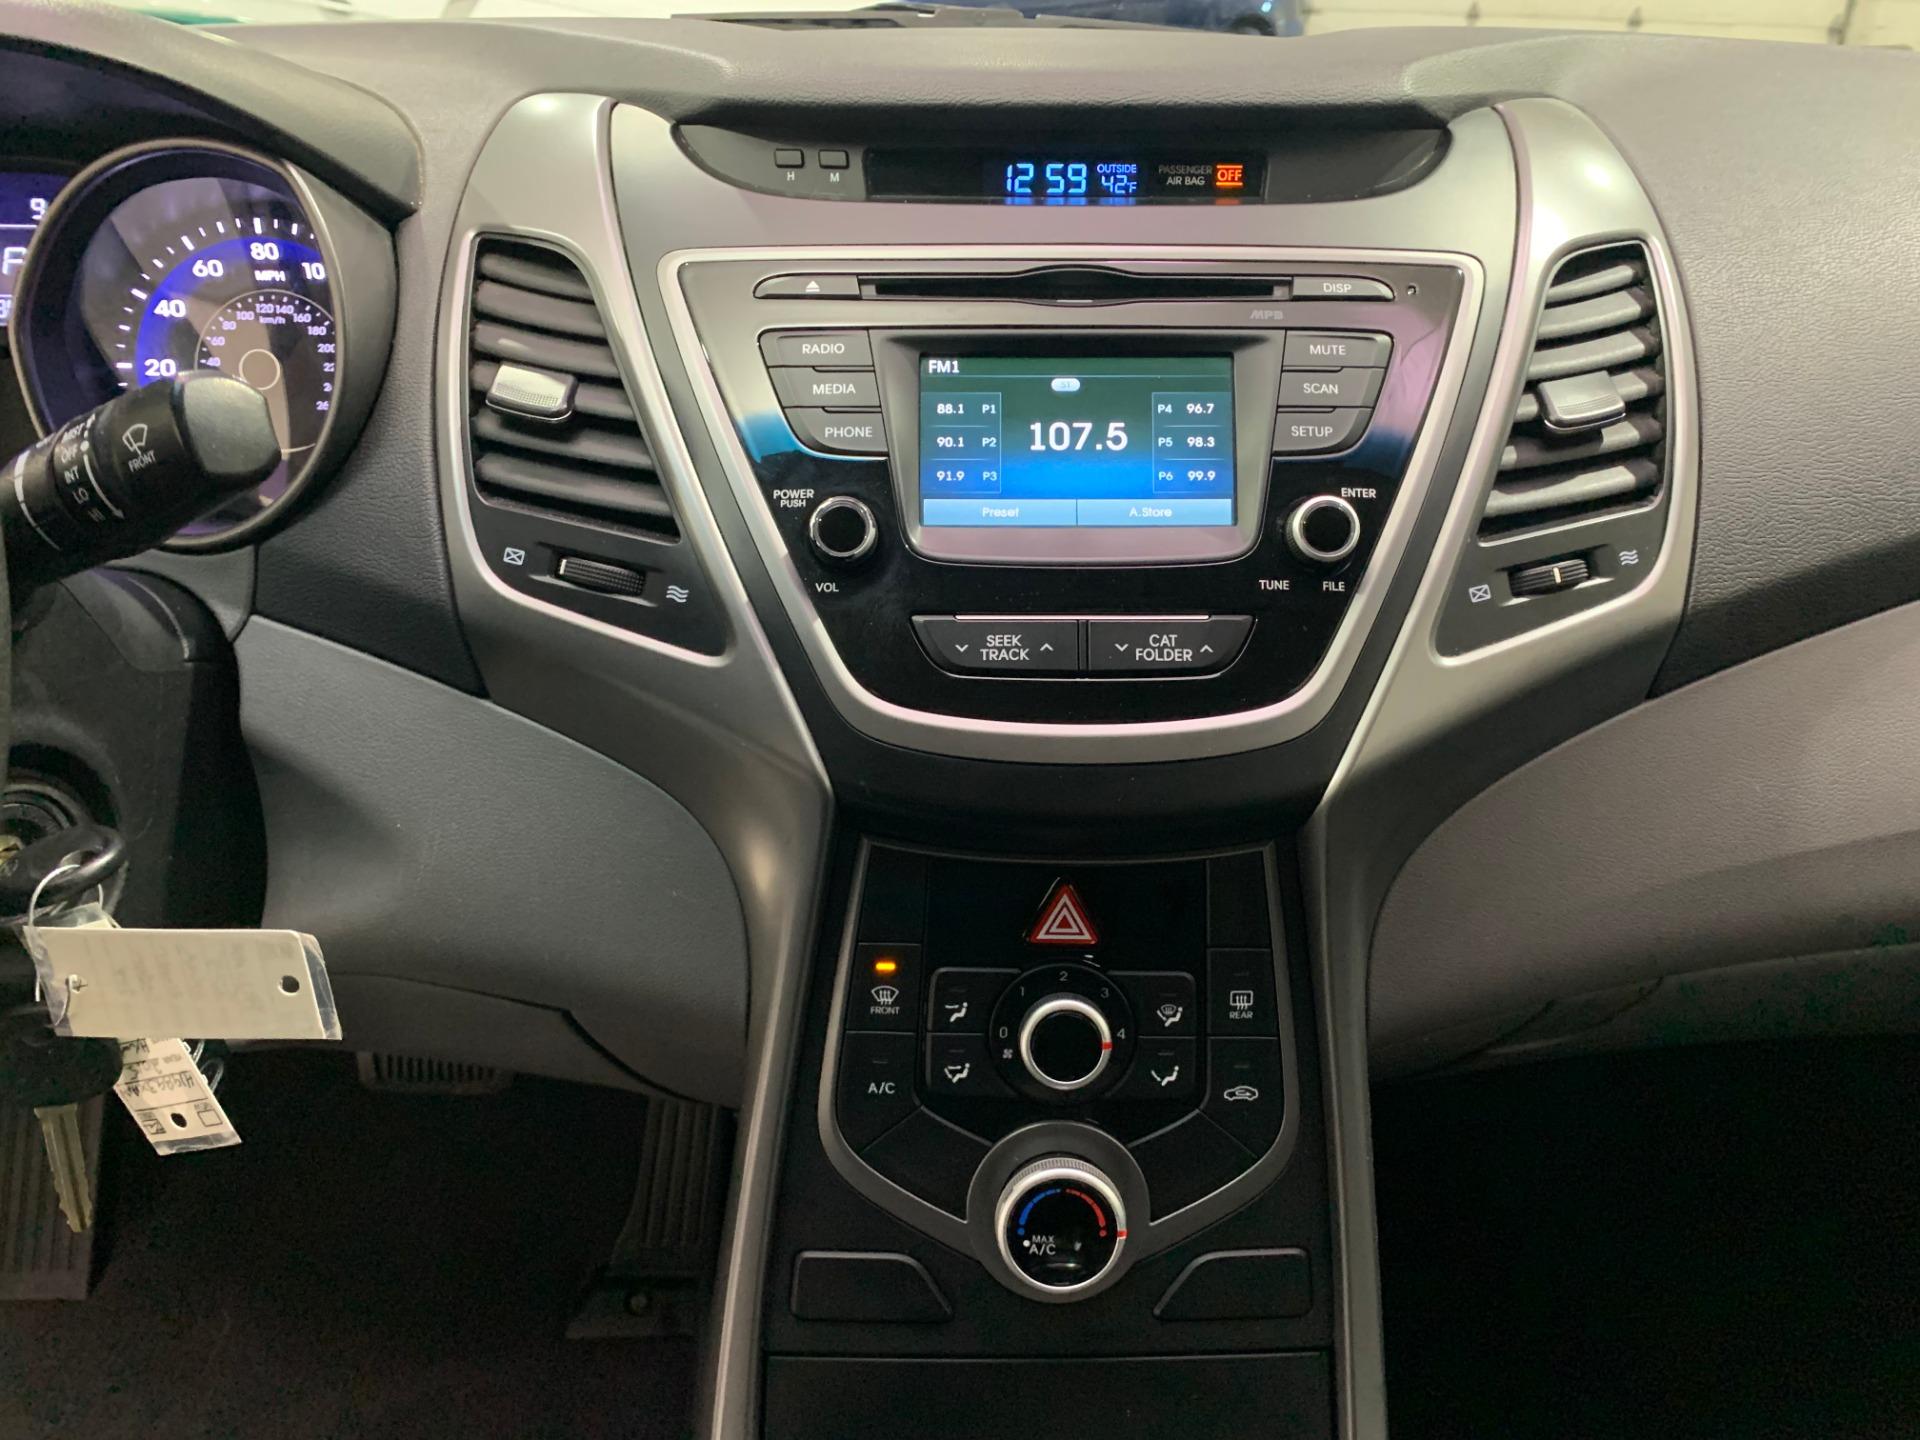 Used-2015-Hyundai-Elantra-Limited